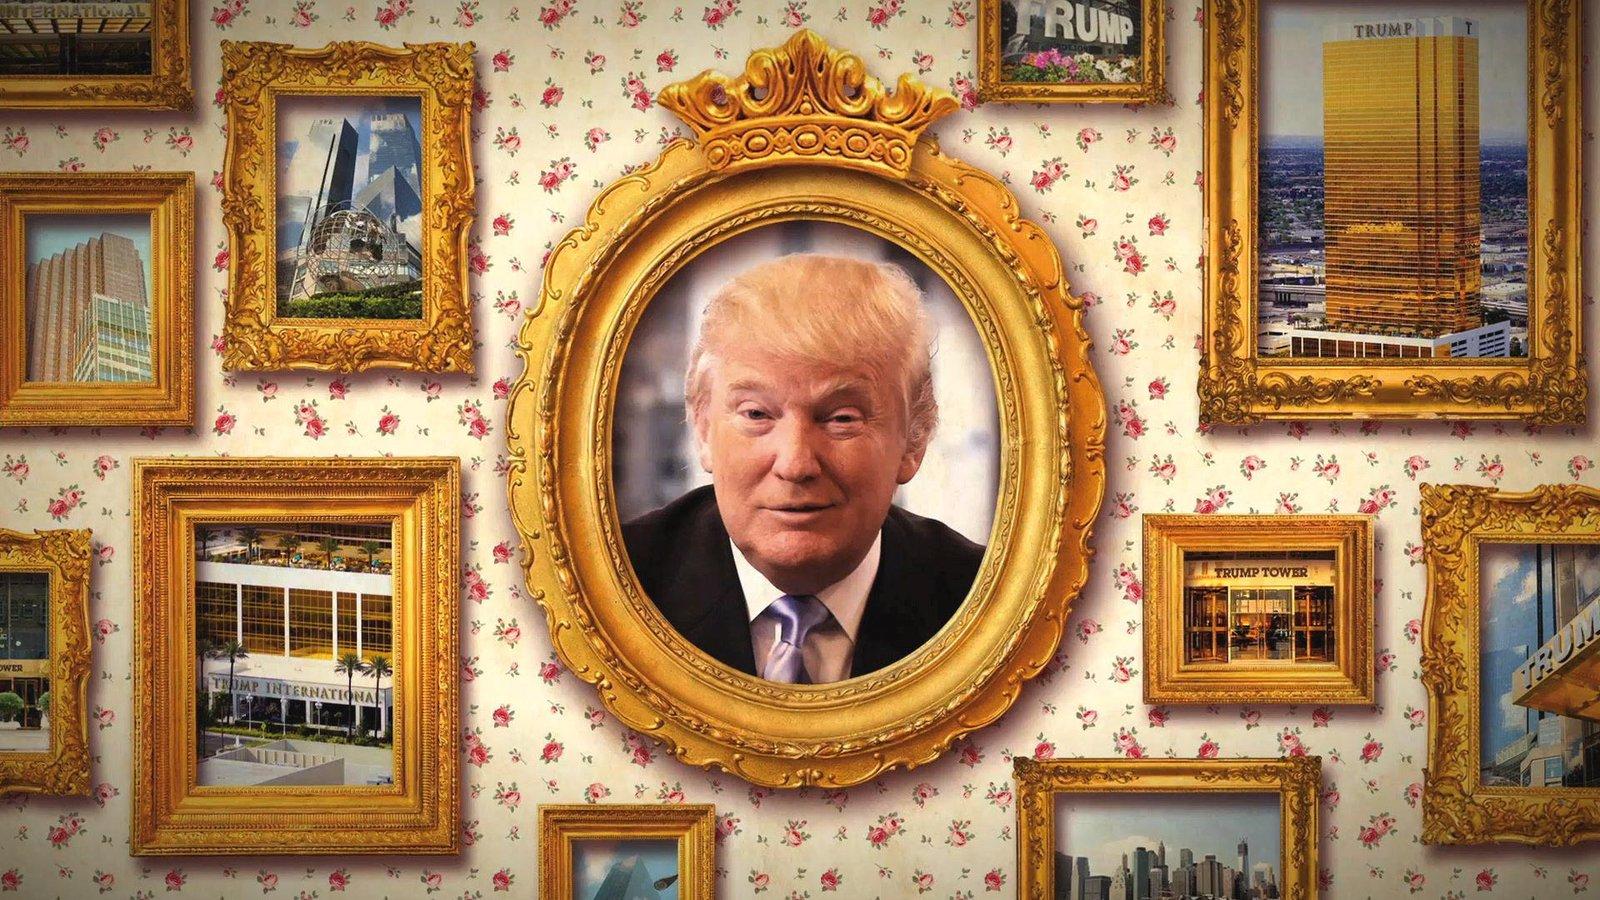 Kings of Kallstadt - The Trump Family's Ancestral Home